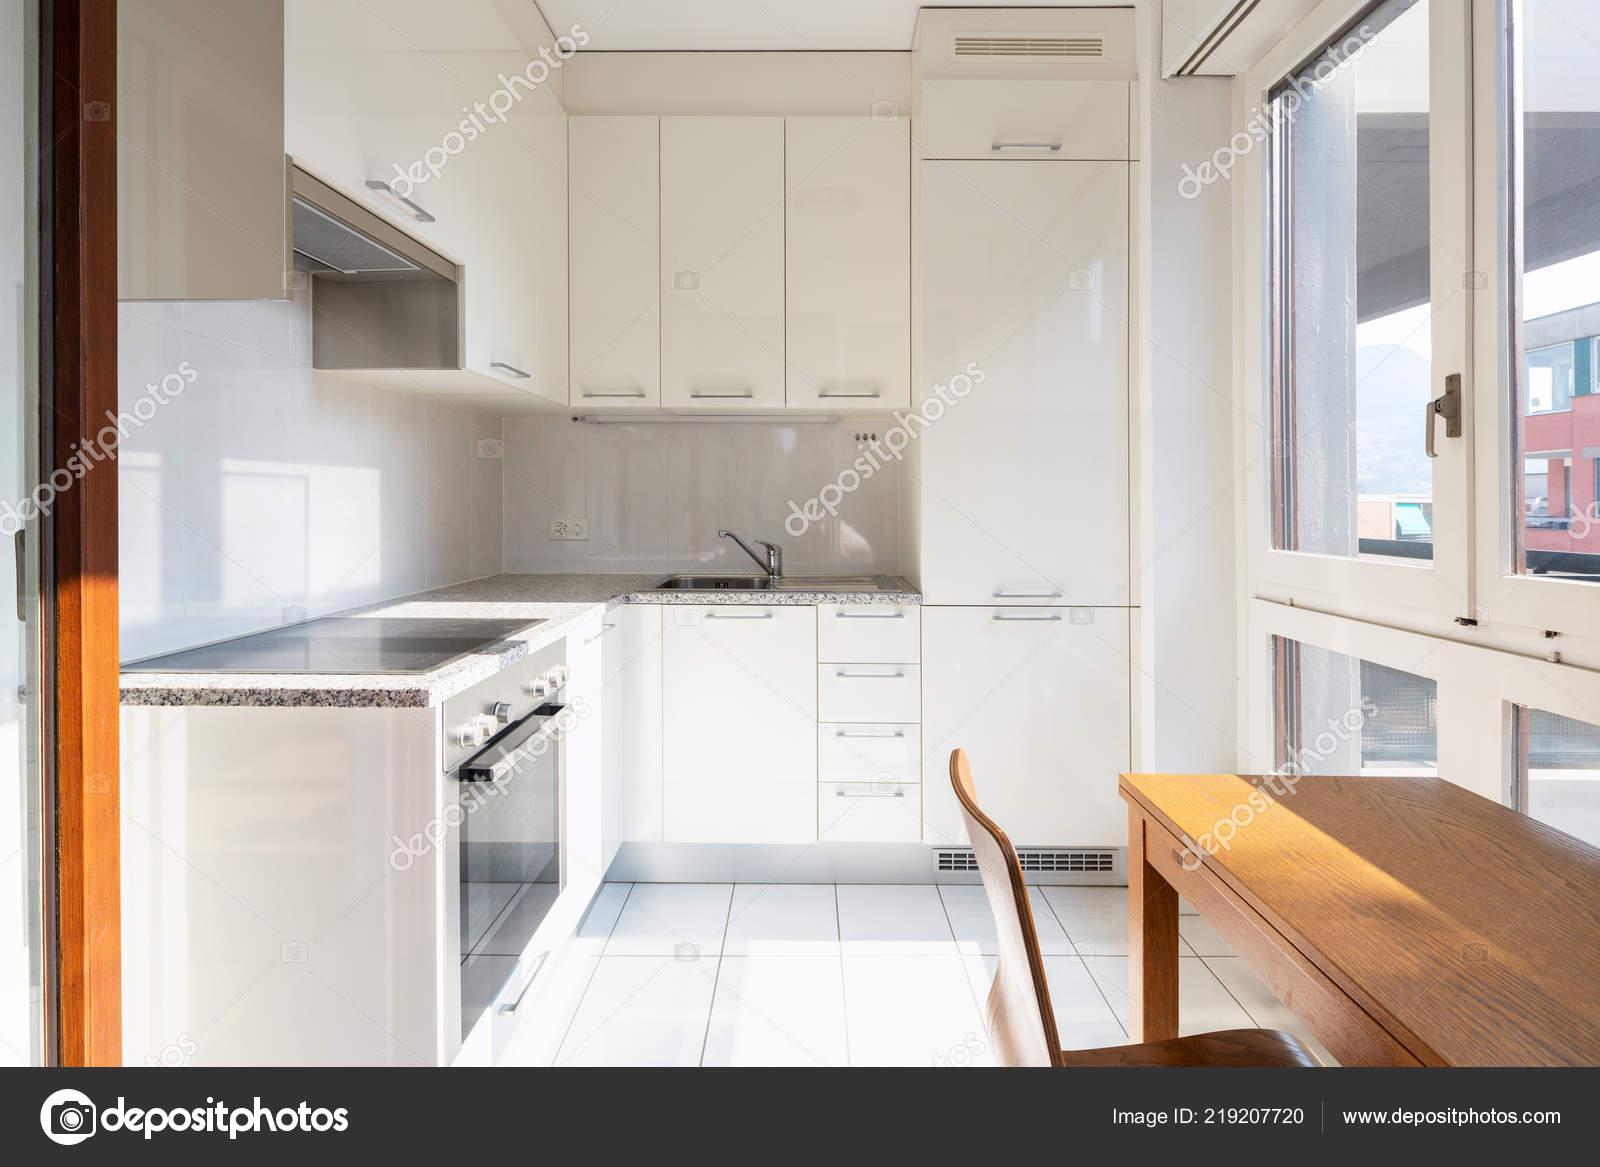 Vorderansicht Modern Eingerichtete Küche Mit Tisch Und ...